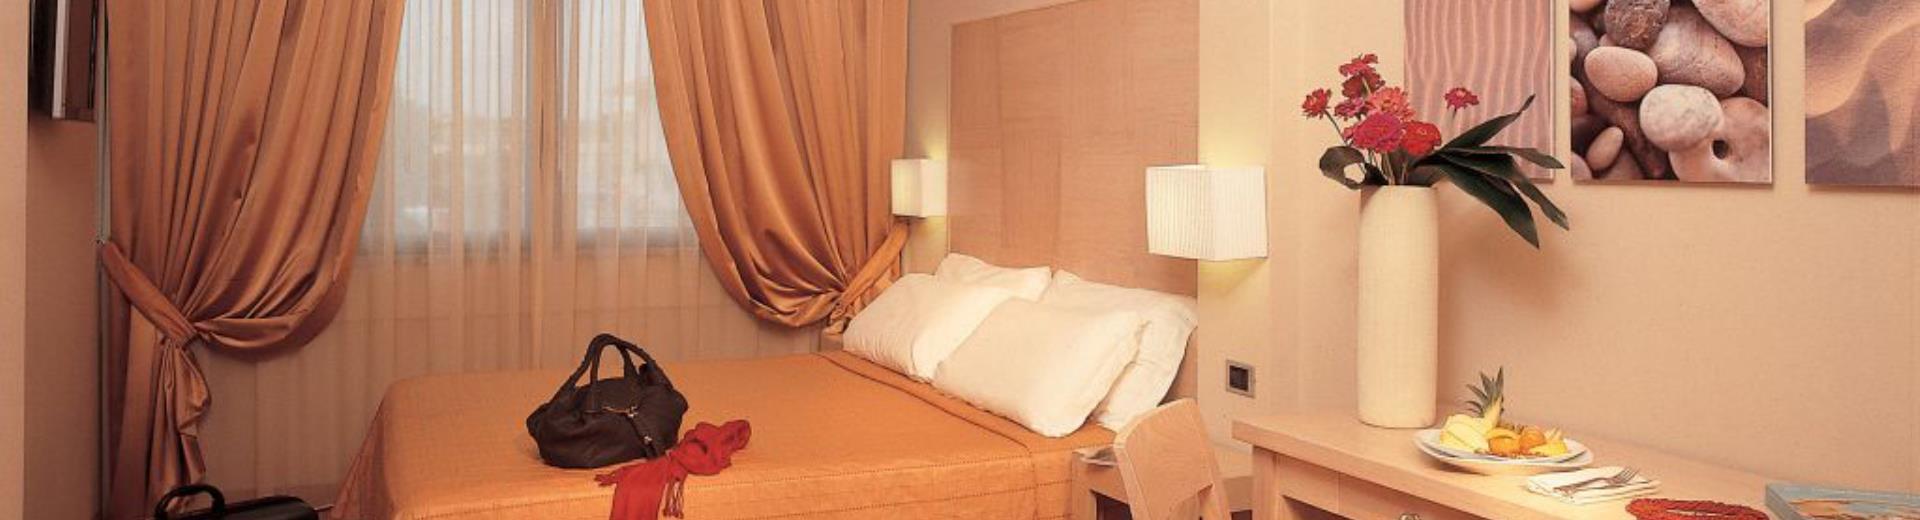 Best Western Hotel Rome Airport - Hotel Roma Fiumicino Aeroporto